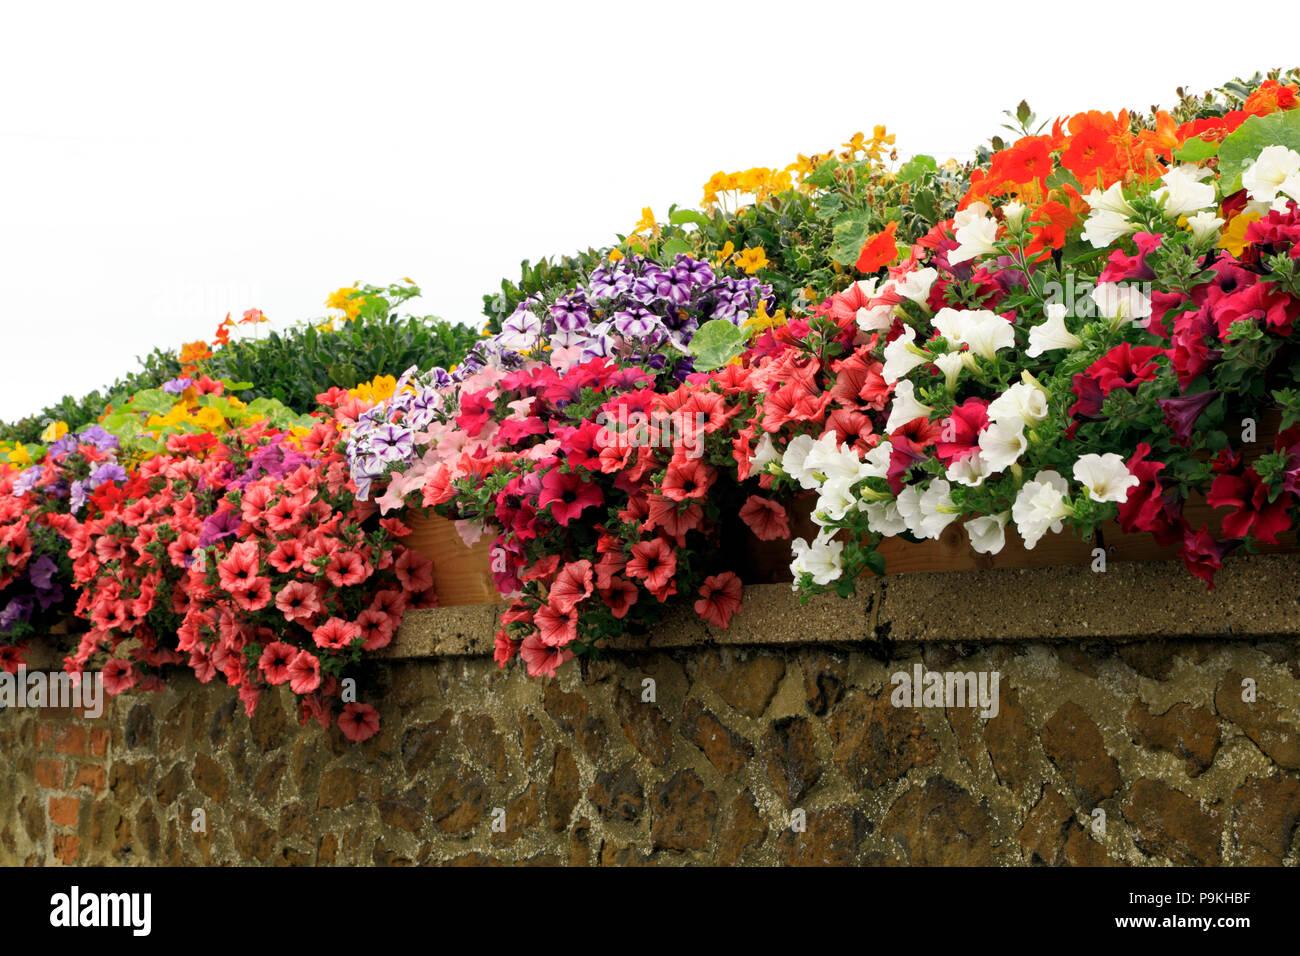 Muro de jardín, petunias, morado, rojo, rosa, blanco, amarillo Imagen De Stock